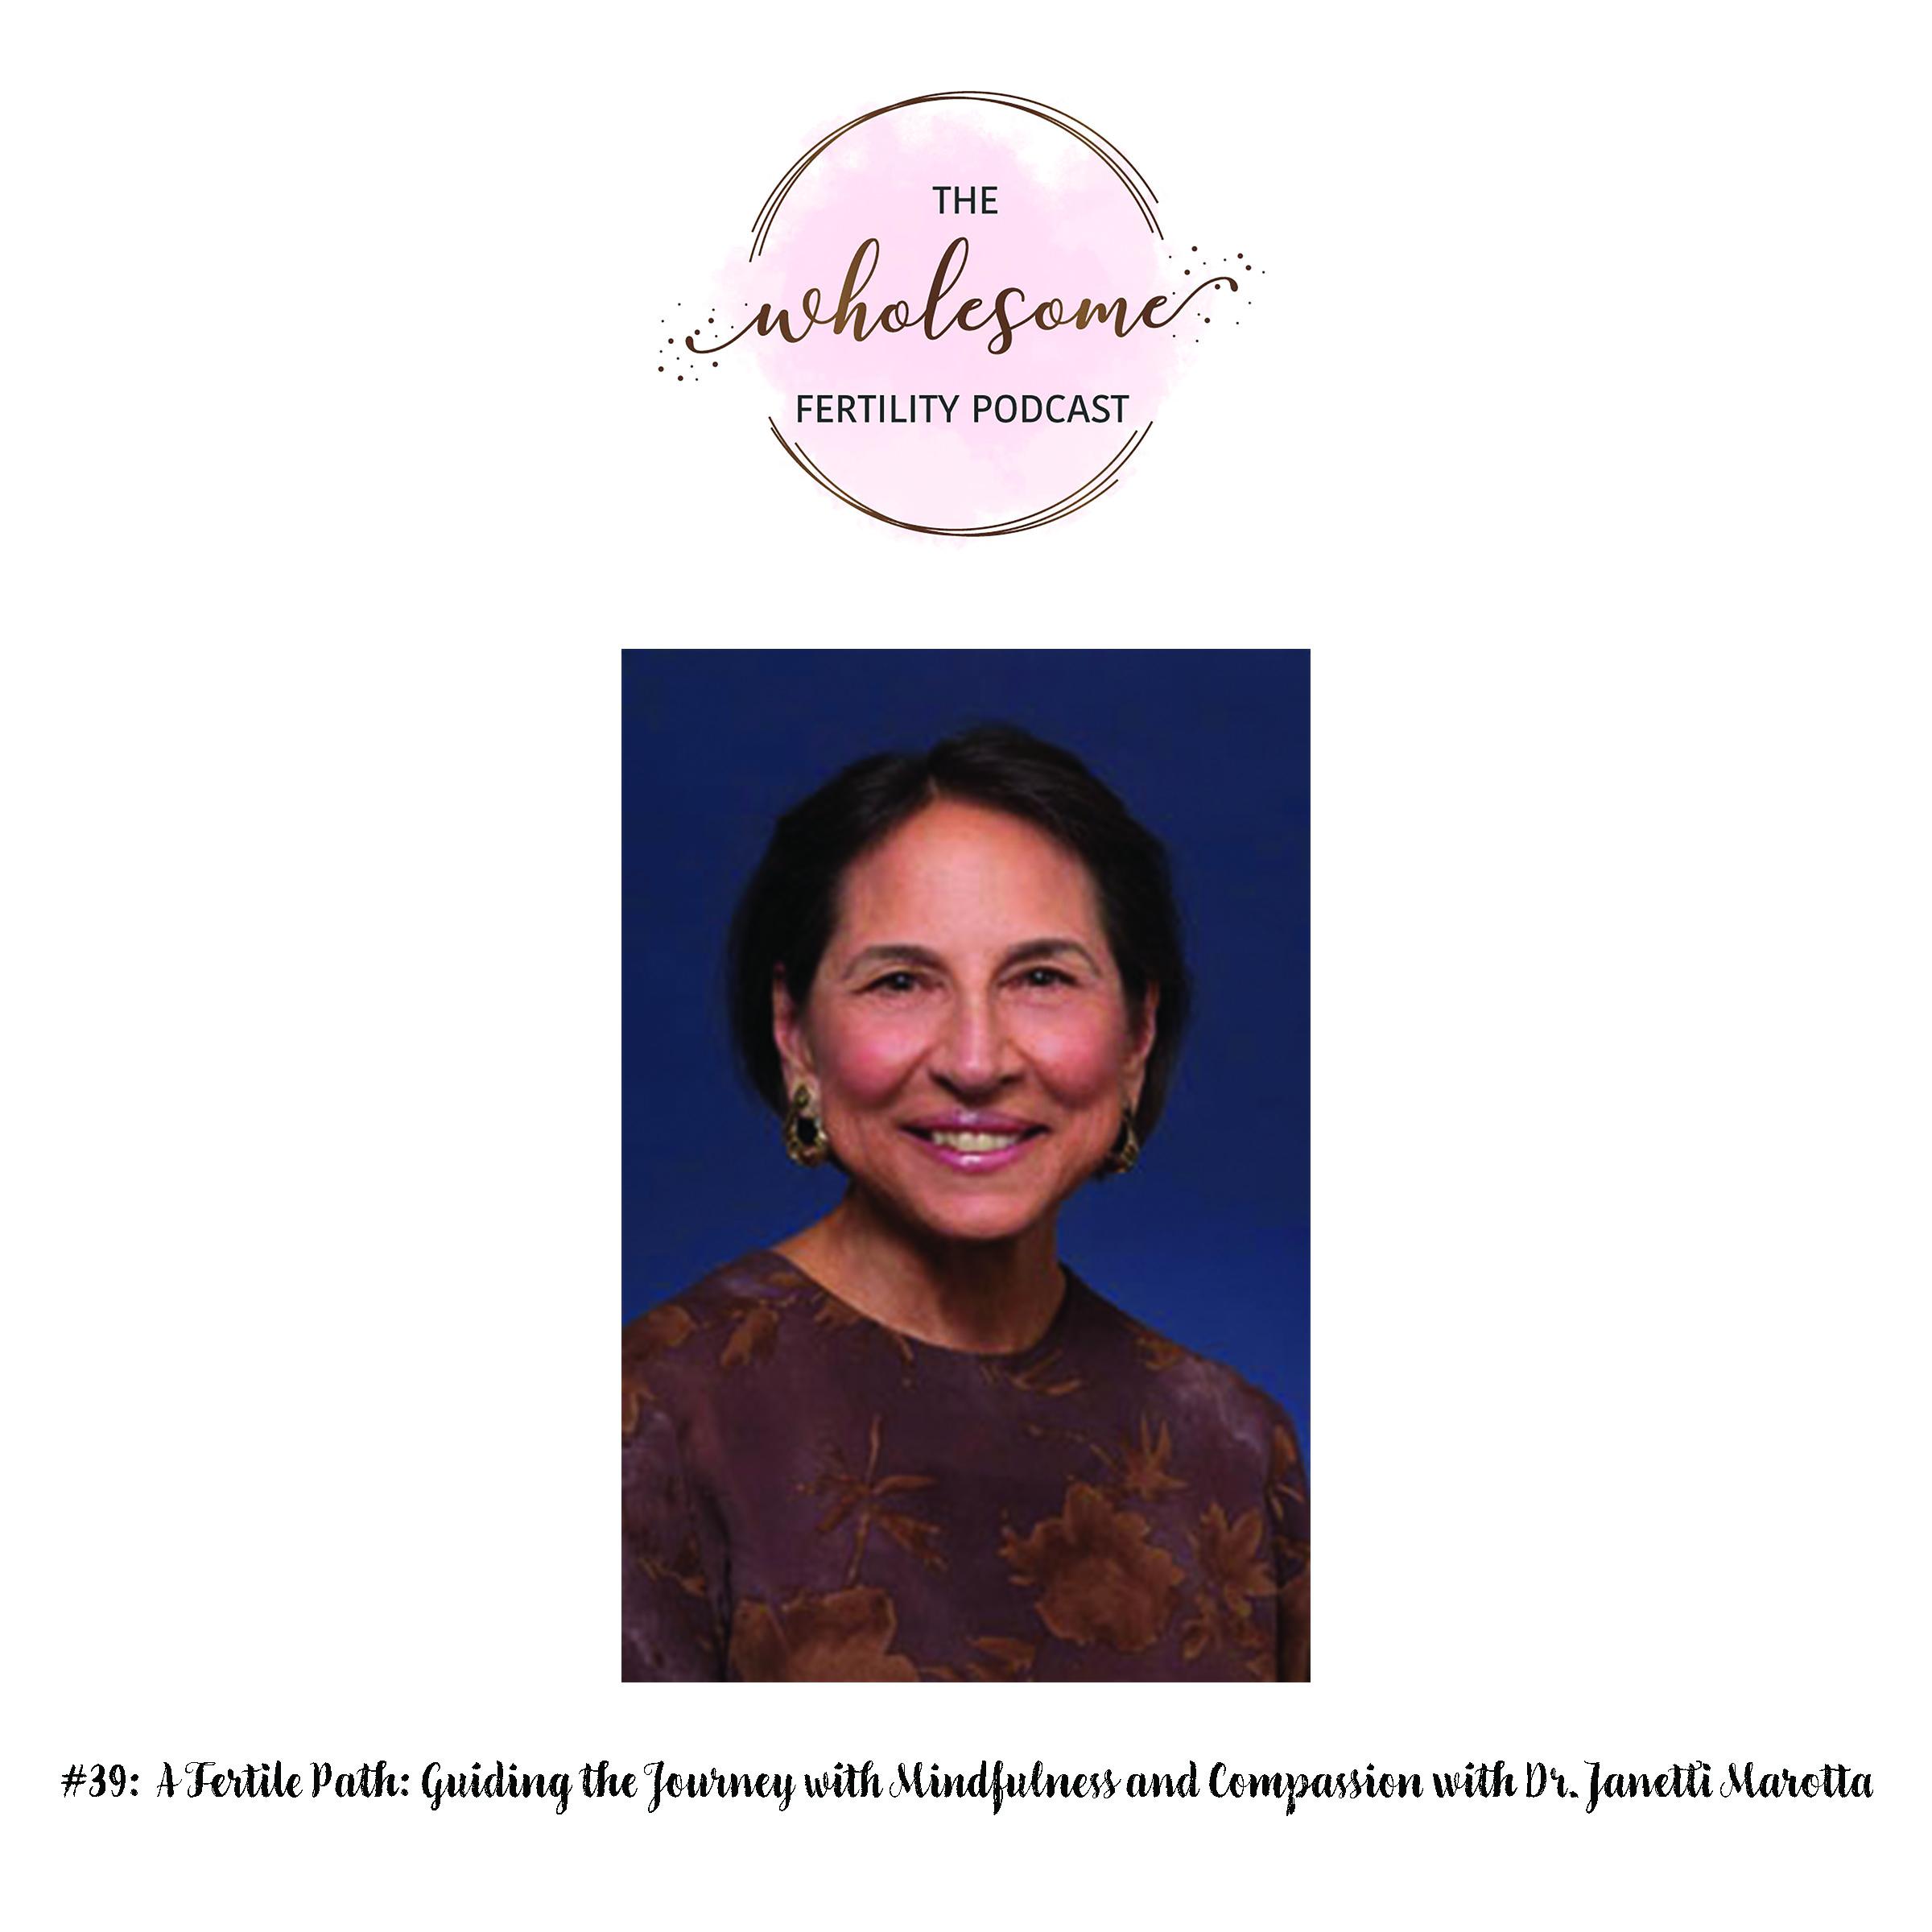 Janetti Marotta.jpg